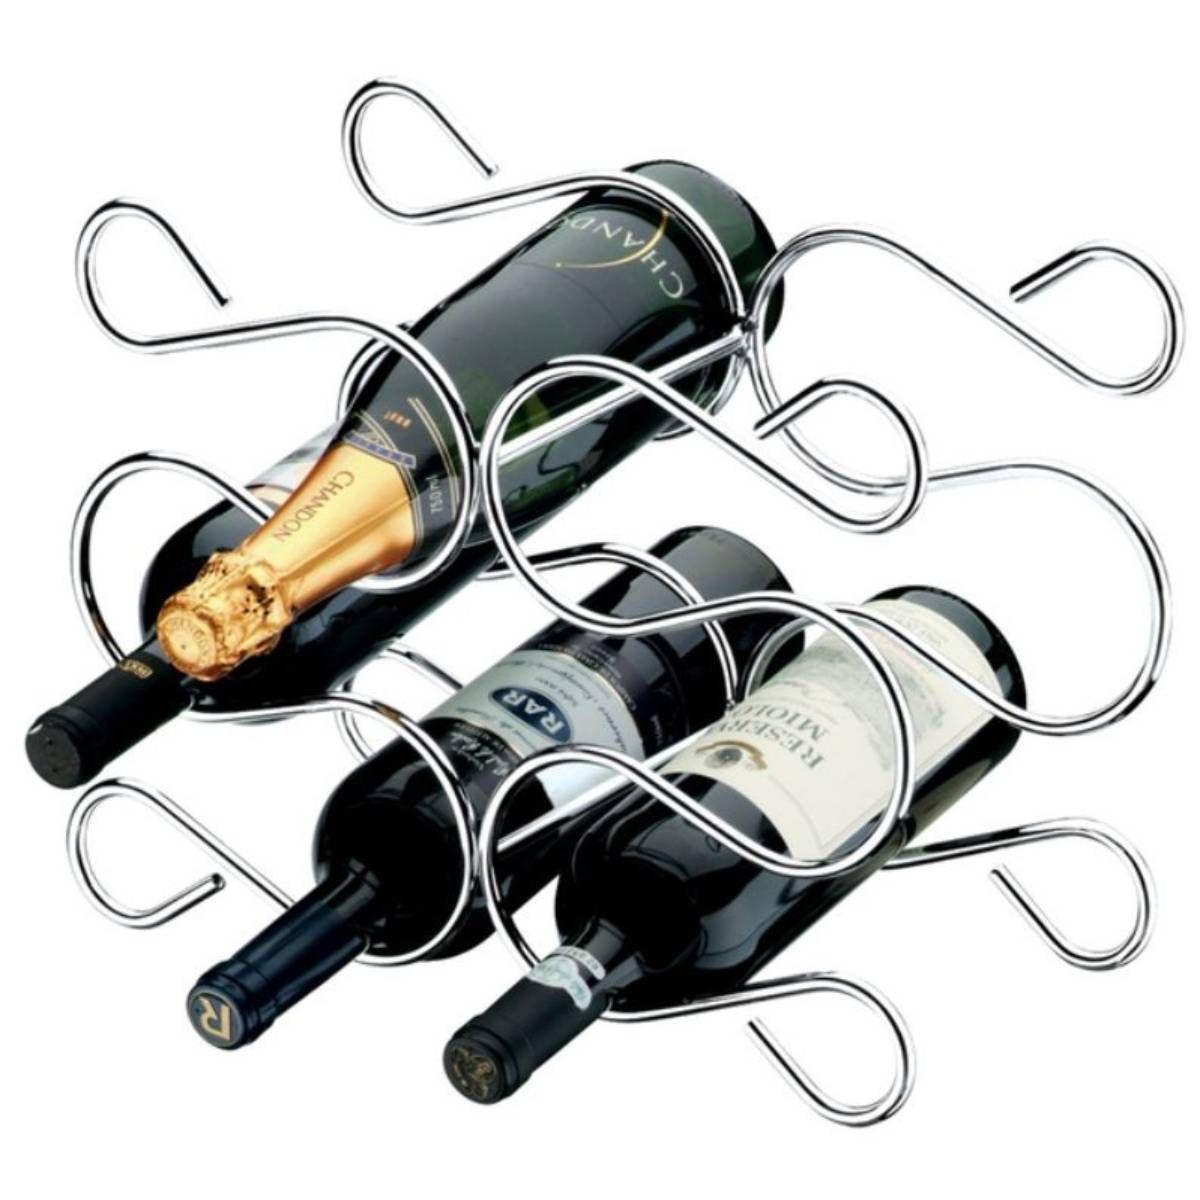 Adega de Bancada Para 6 Garrafas de Vinho Luxuosa em Aço